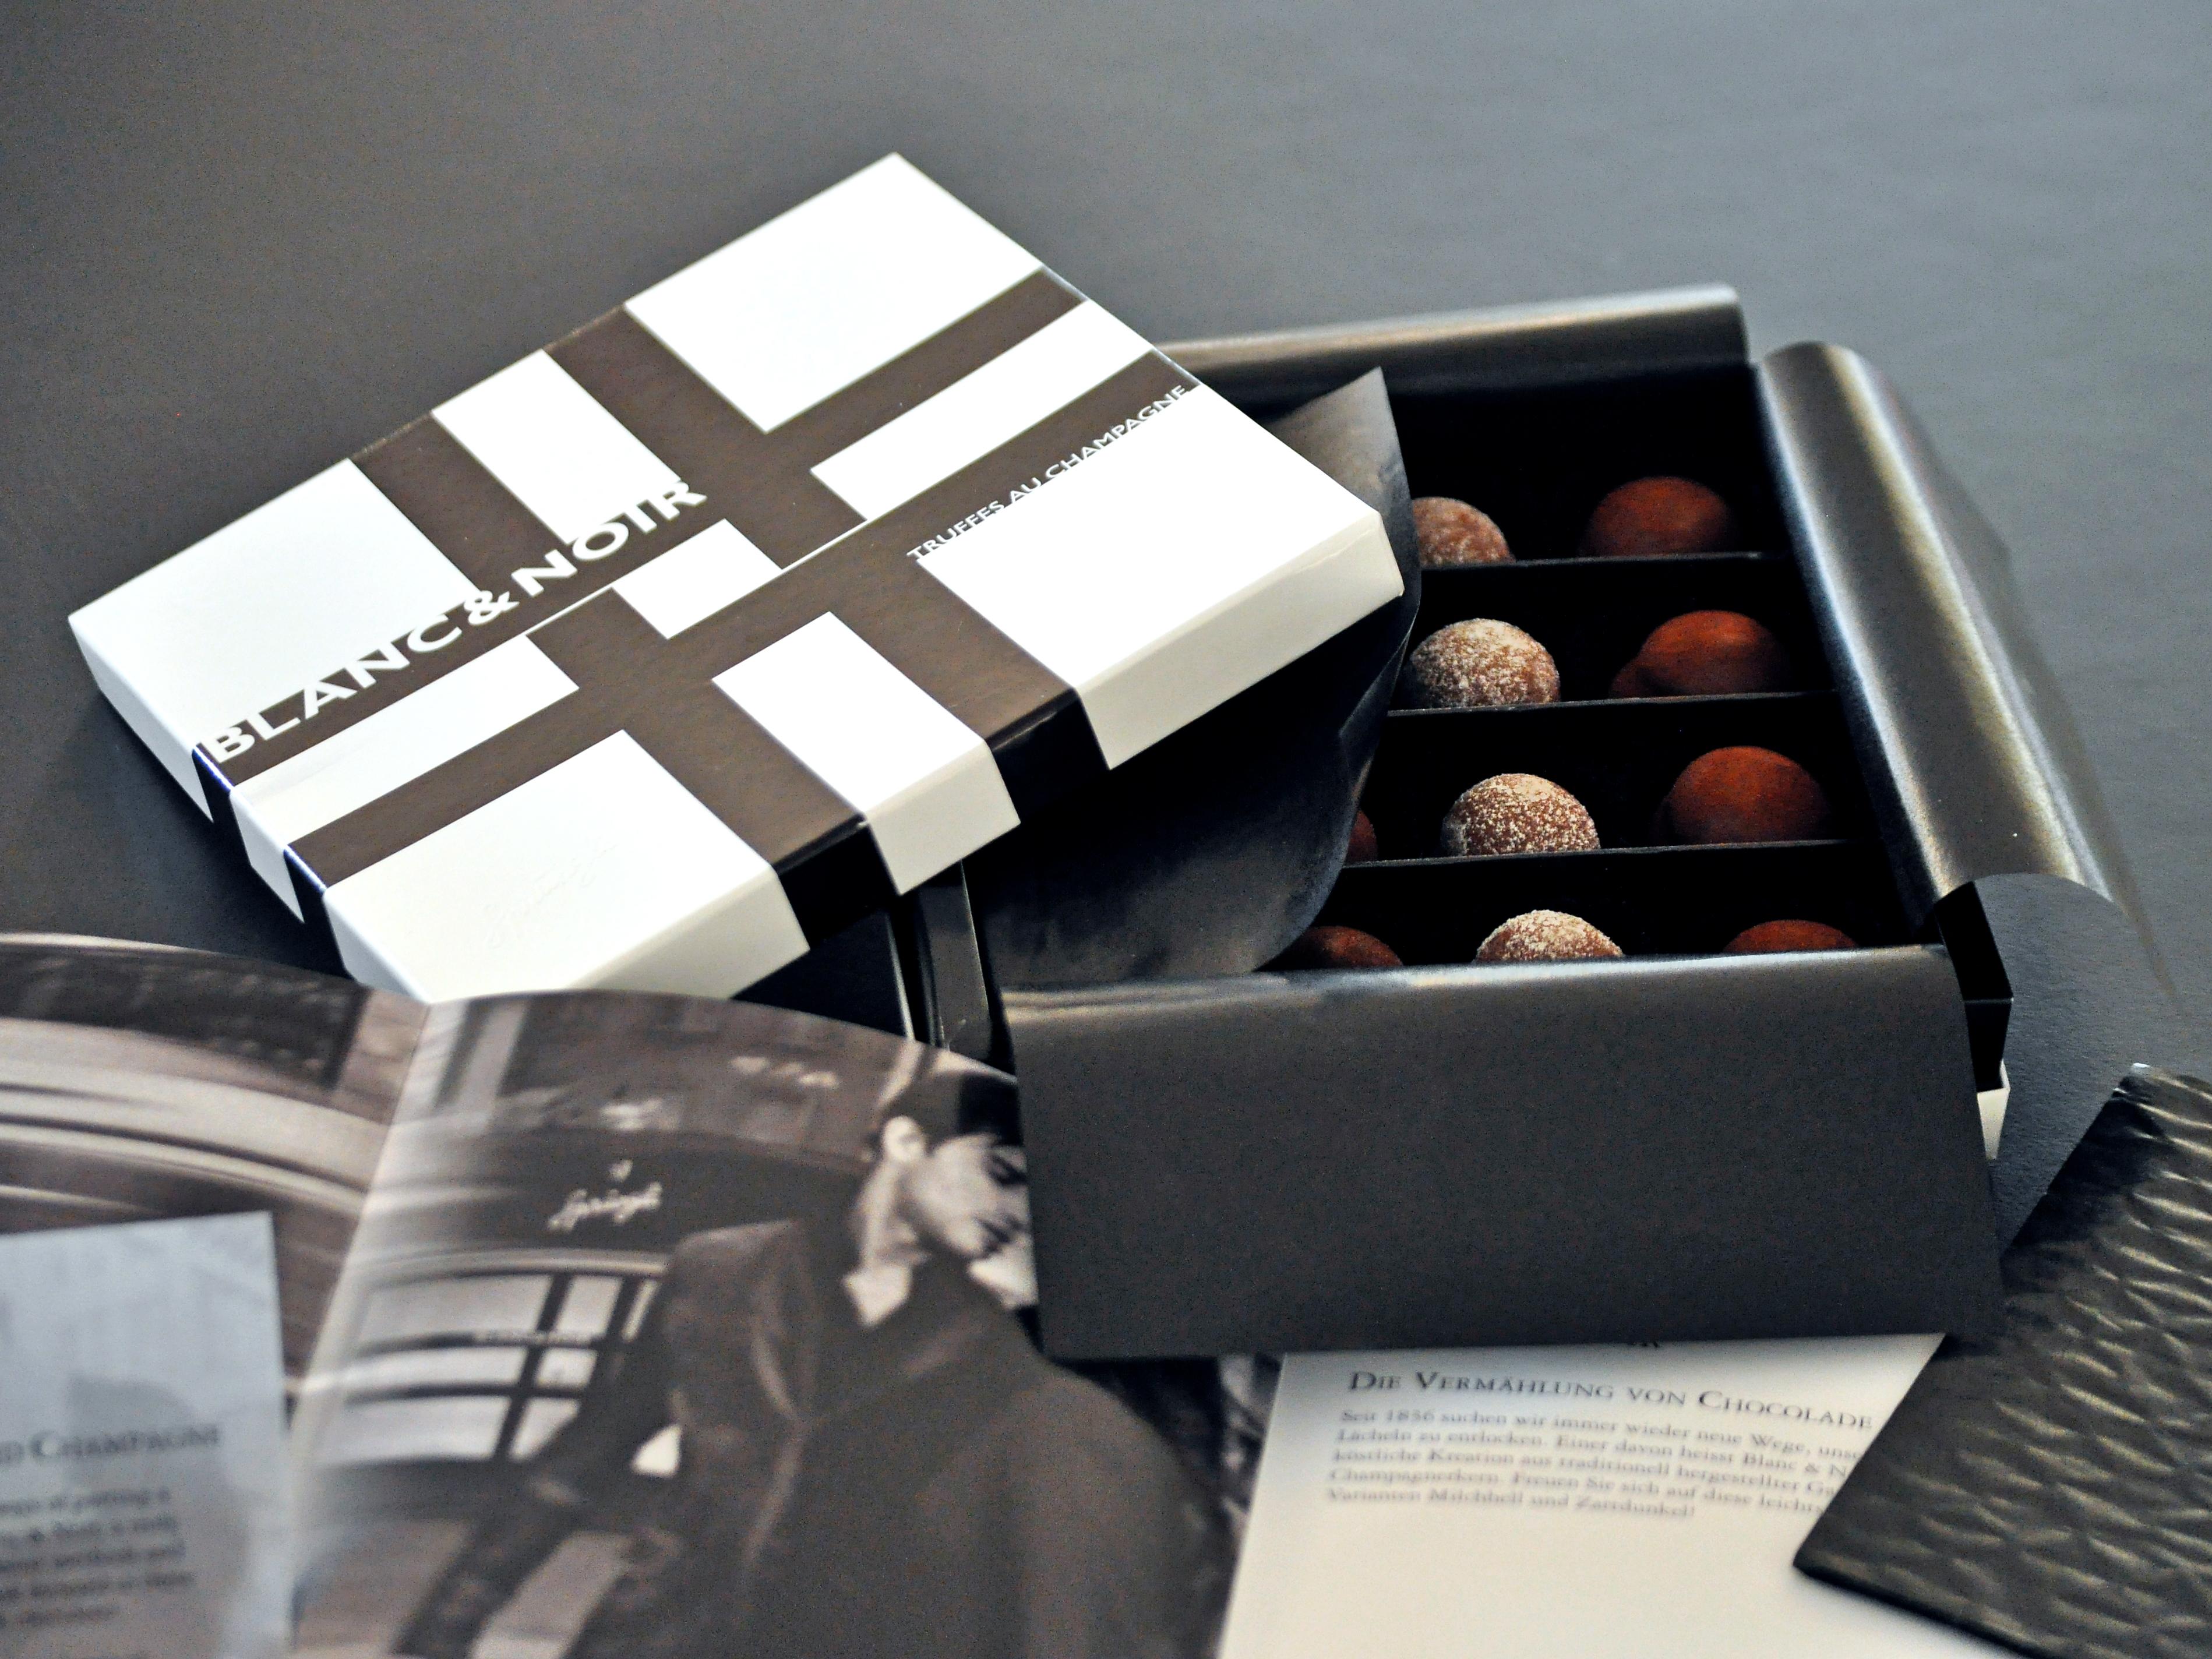 Confiserie Sprüngli Verpackungsdesign Noir et Blanc